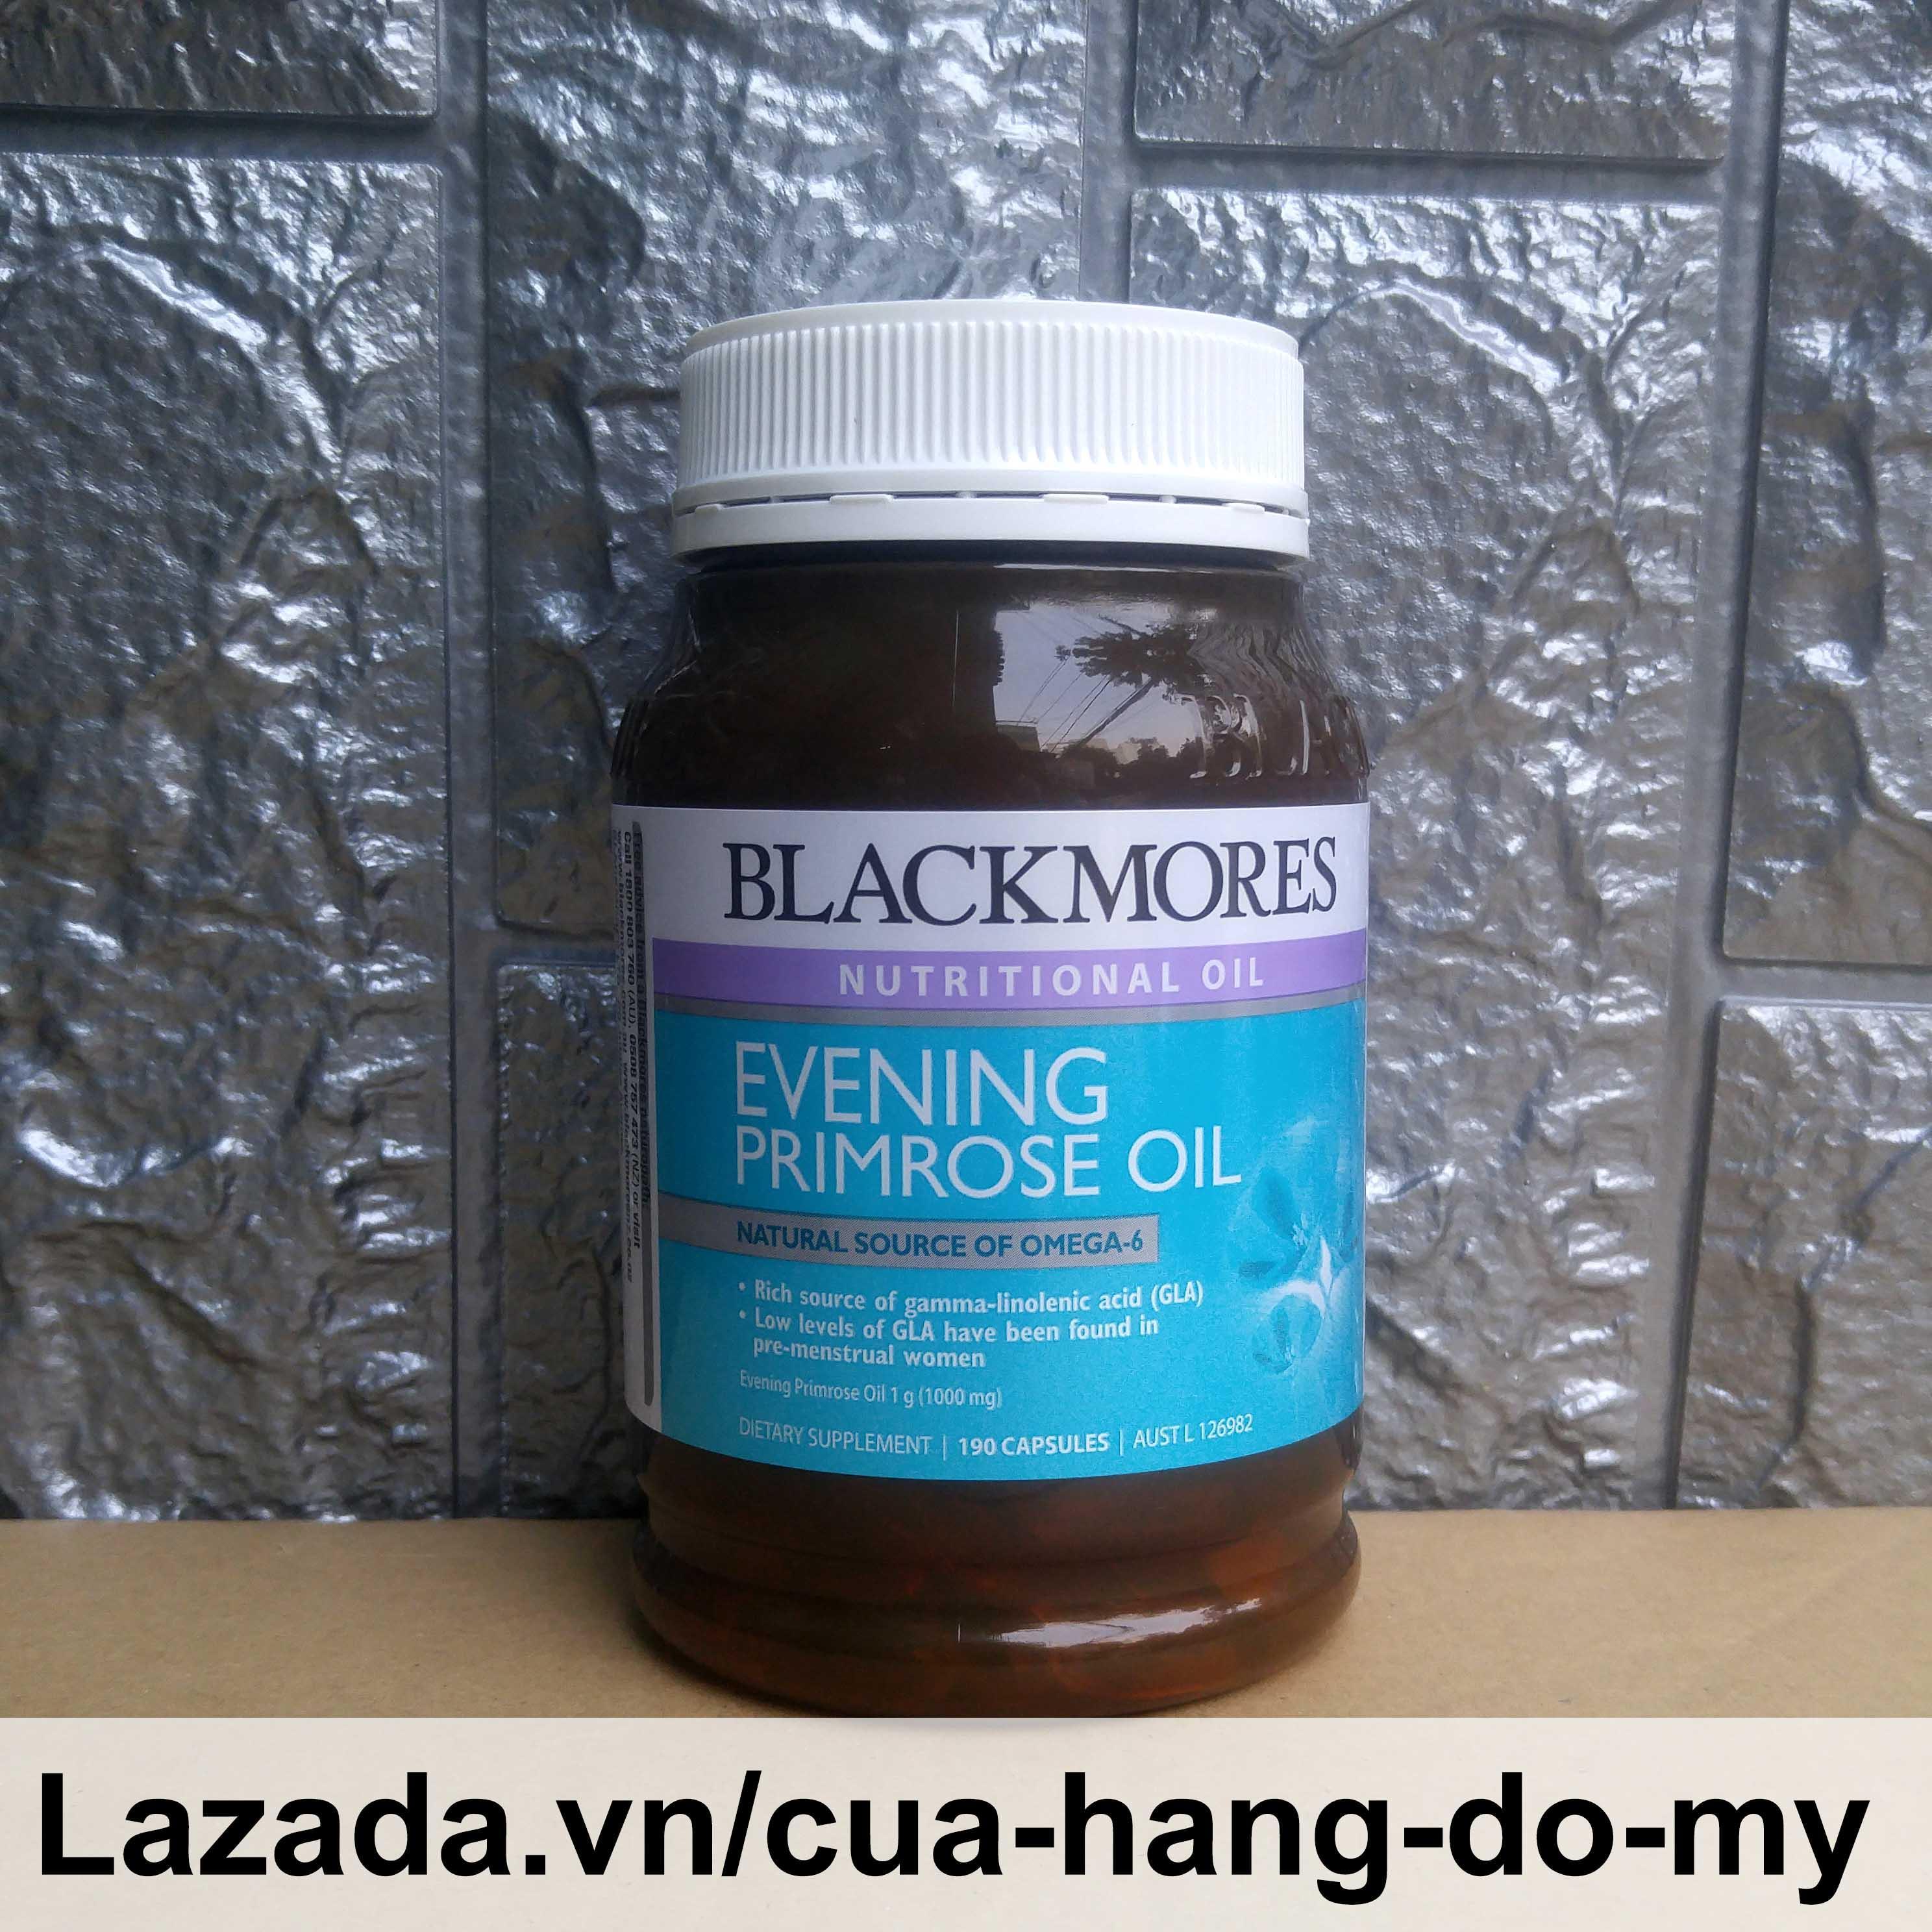 Tinh Dầu Hoa Anh Thảo Blackmores Evening Primrose Oil 190 Viên Nang - Hỗ trợ tăng cường sức khỏe